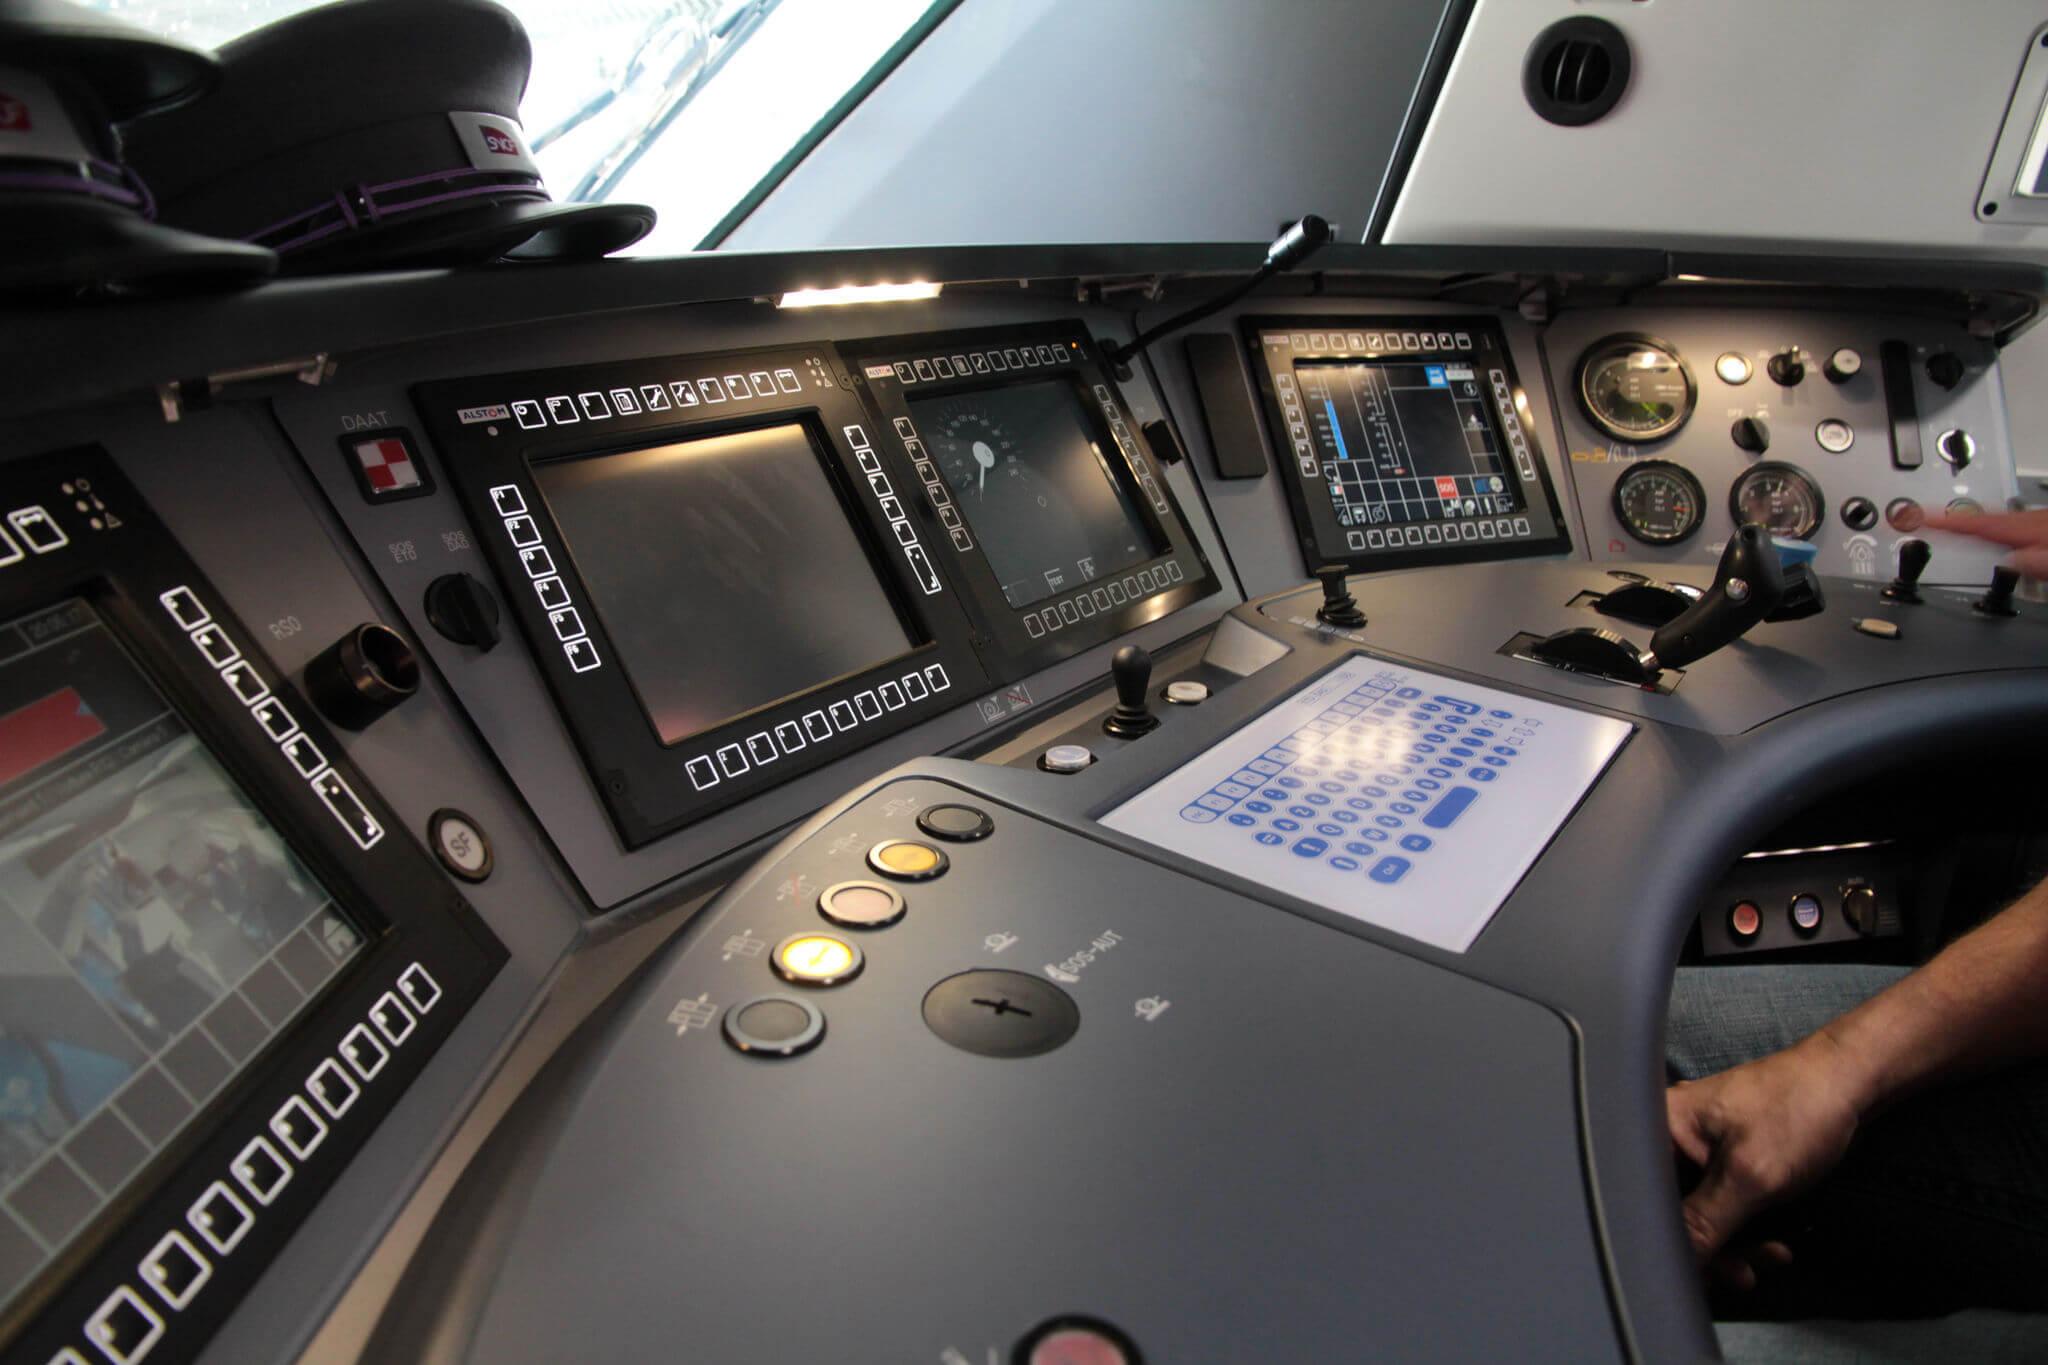 Train HMI Driver